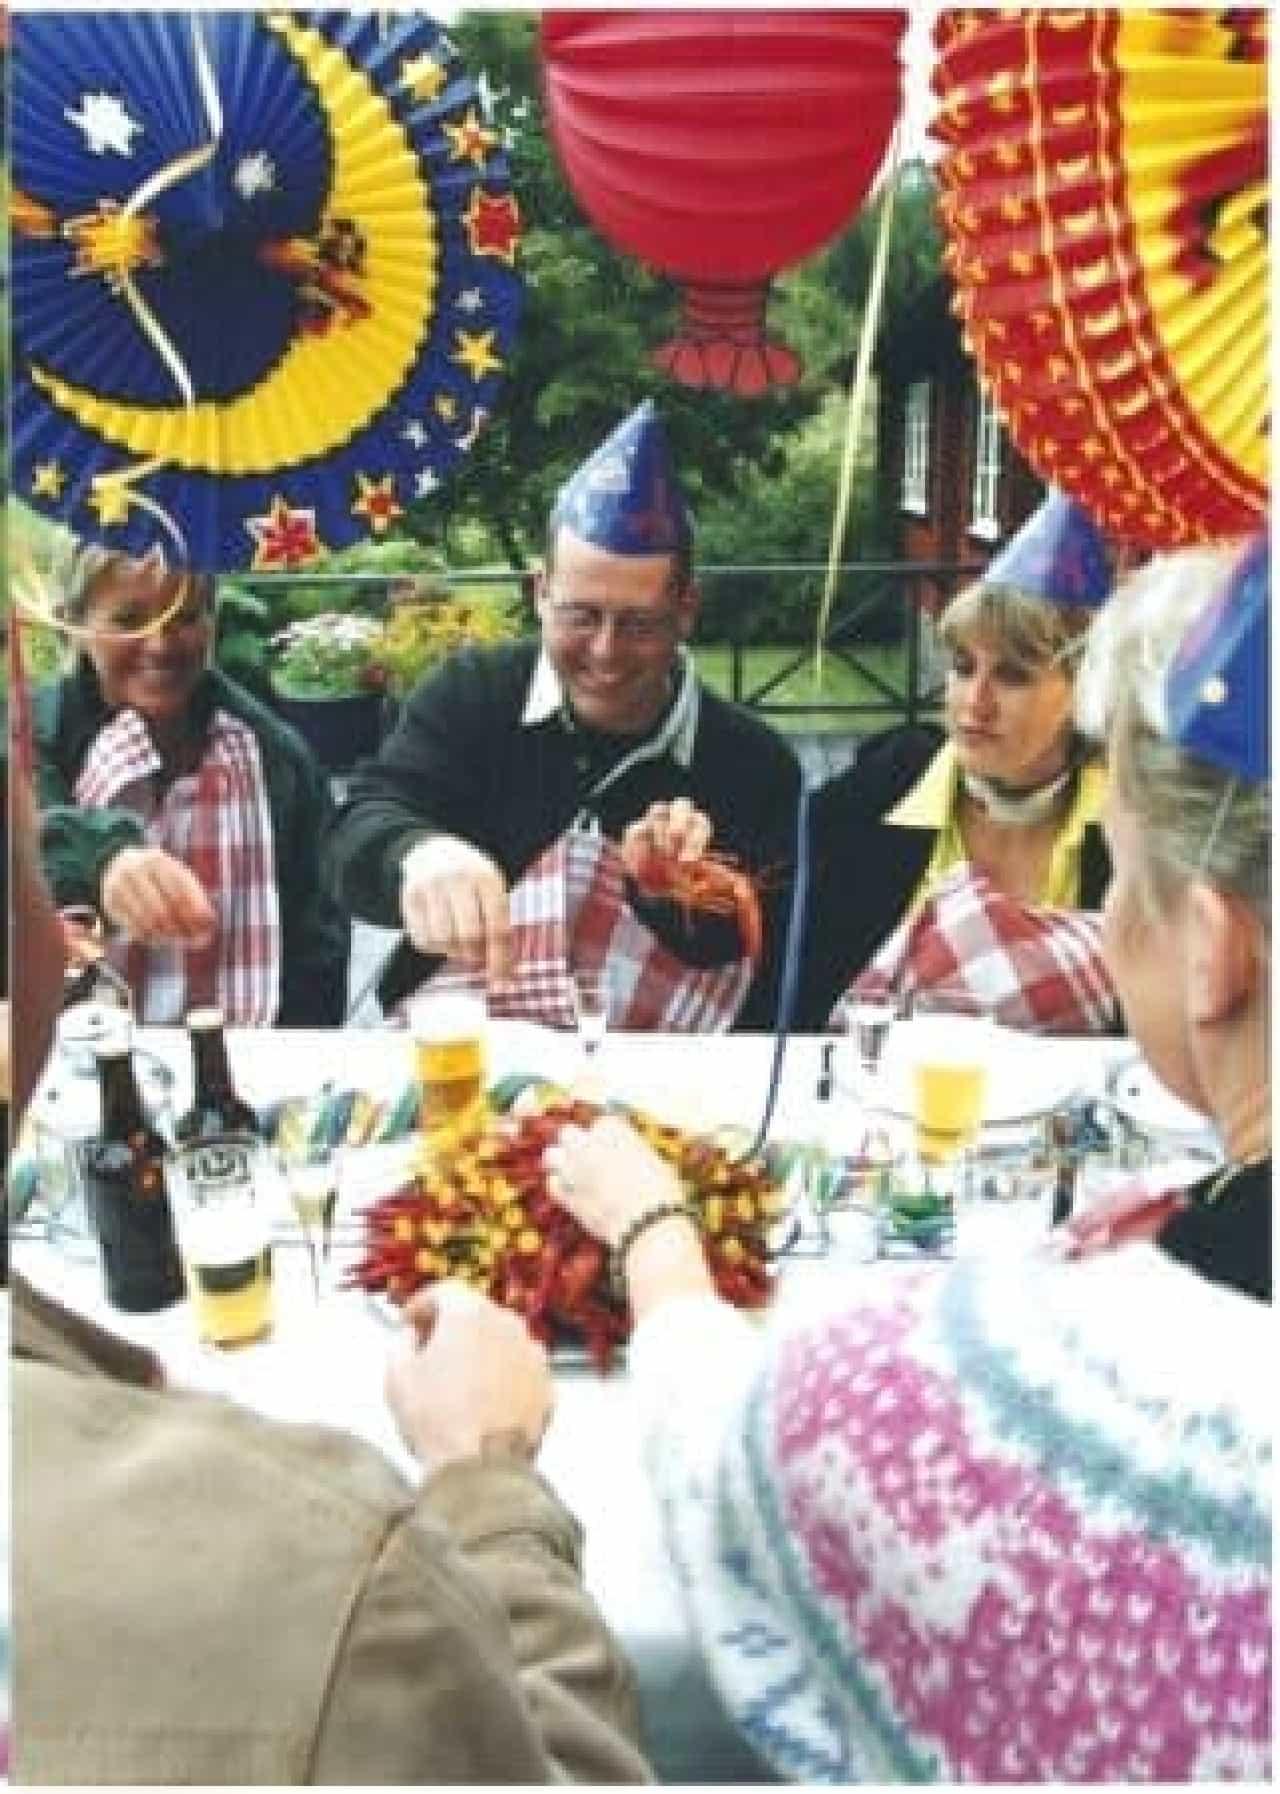 ザリガニパーティを楽しむ人々